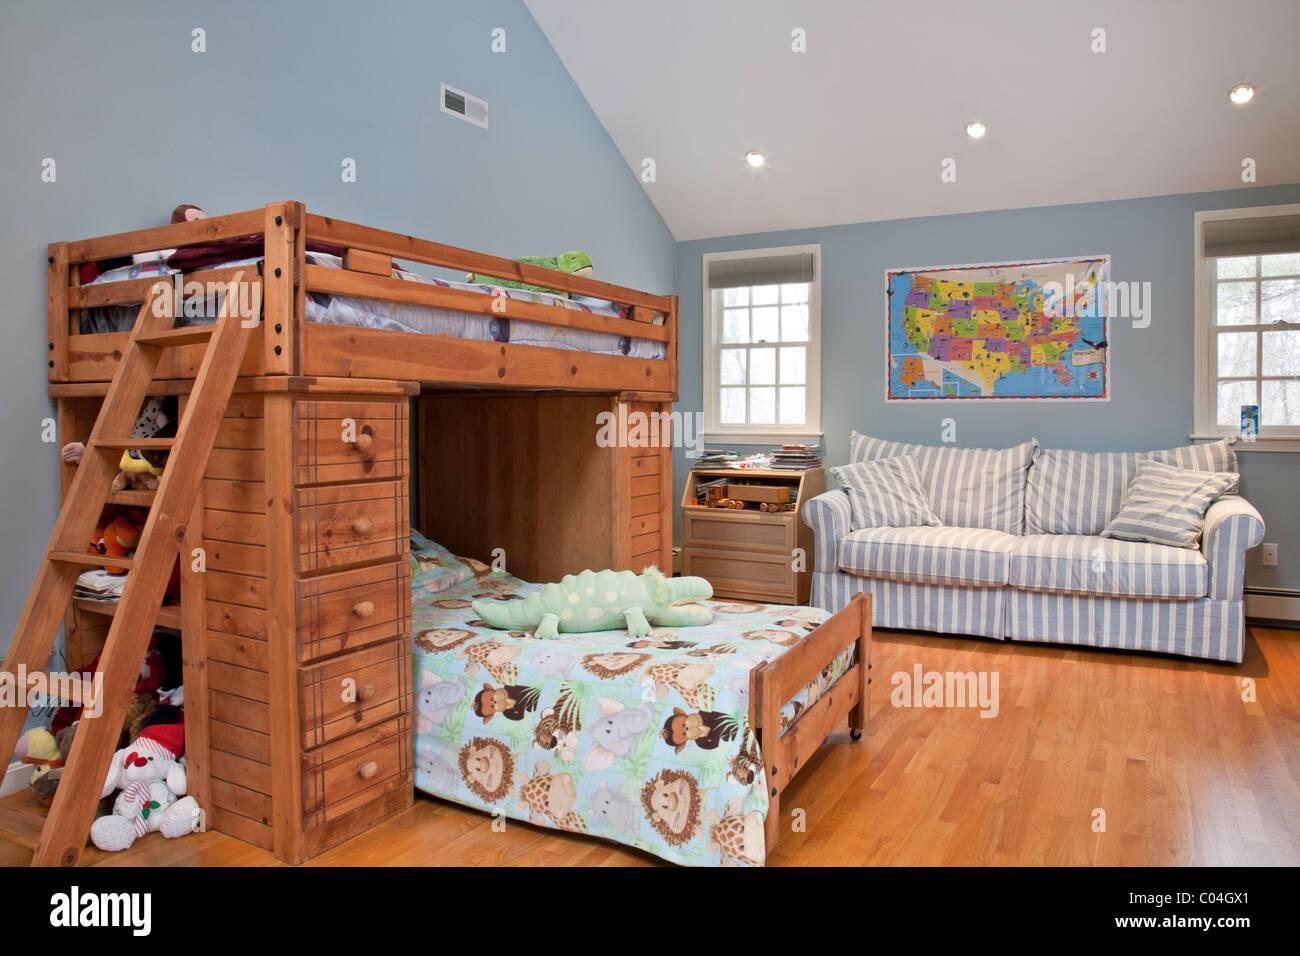 Etagenbetten Kinderzimmer : Kinderzimmer mit etagenbetten wohngebäude wohn haus usa stockfoto